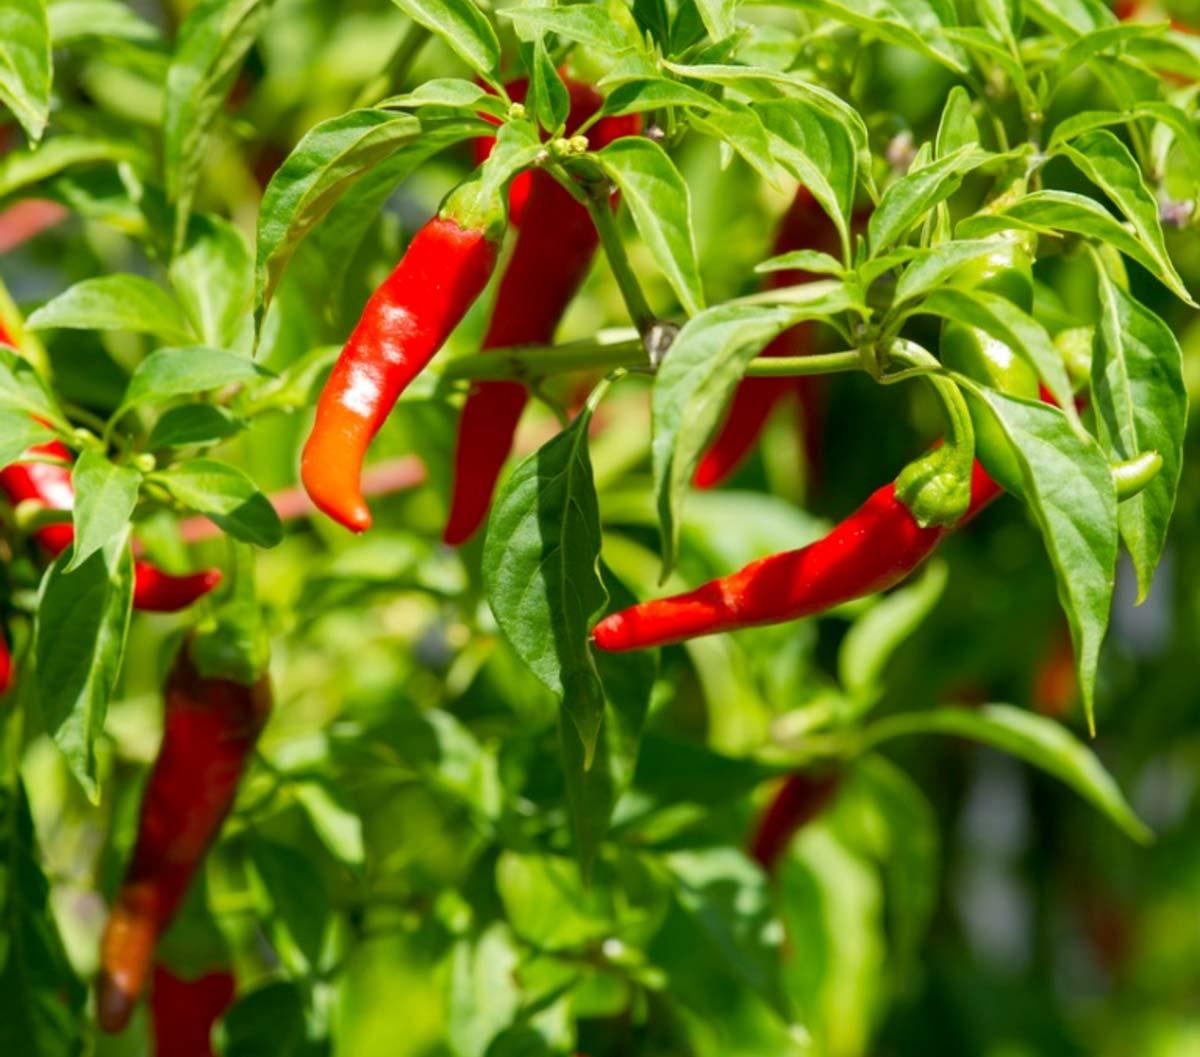 Come coltivare peperoncini piccanti in vaso: tecniche e consigli